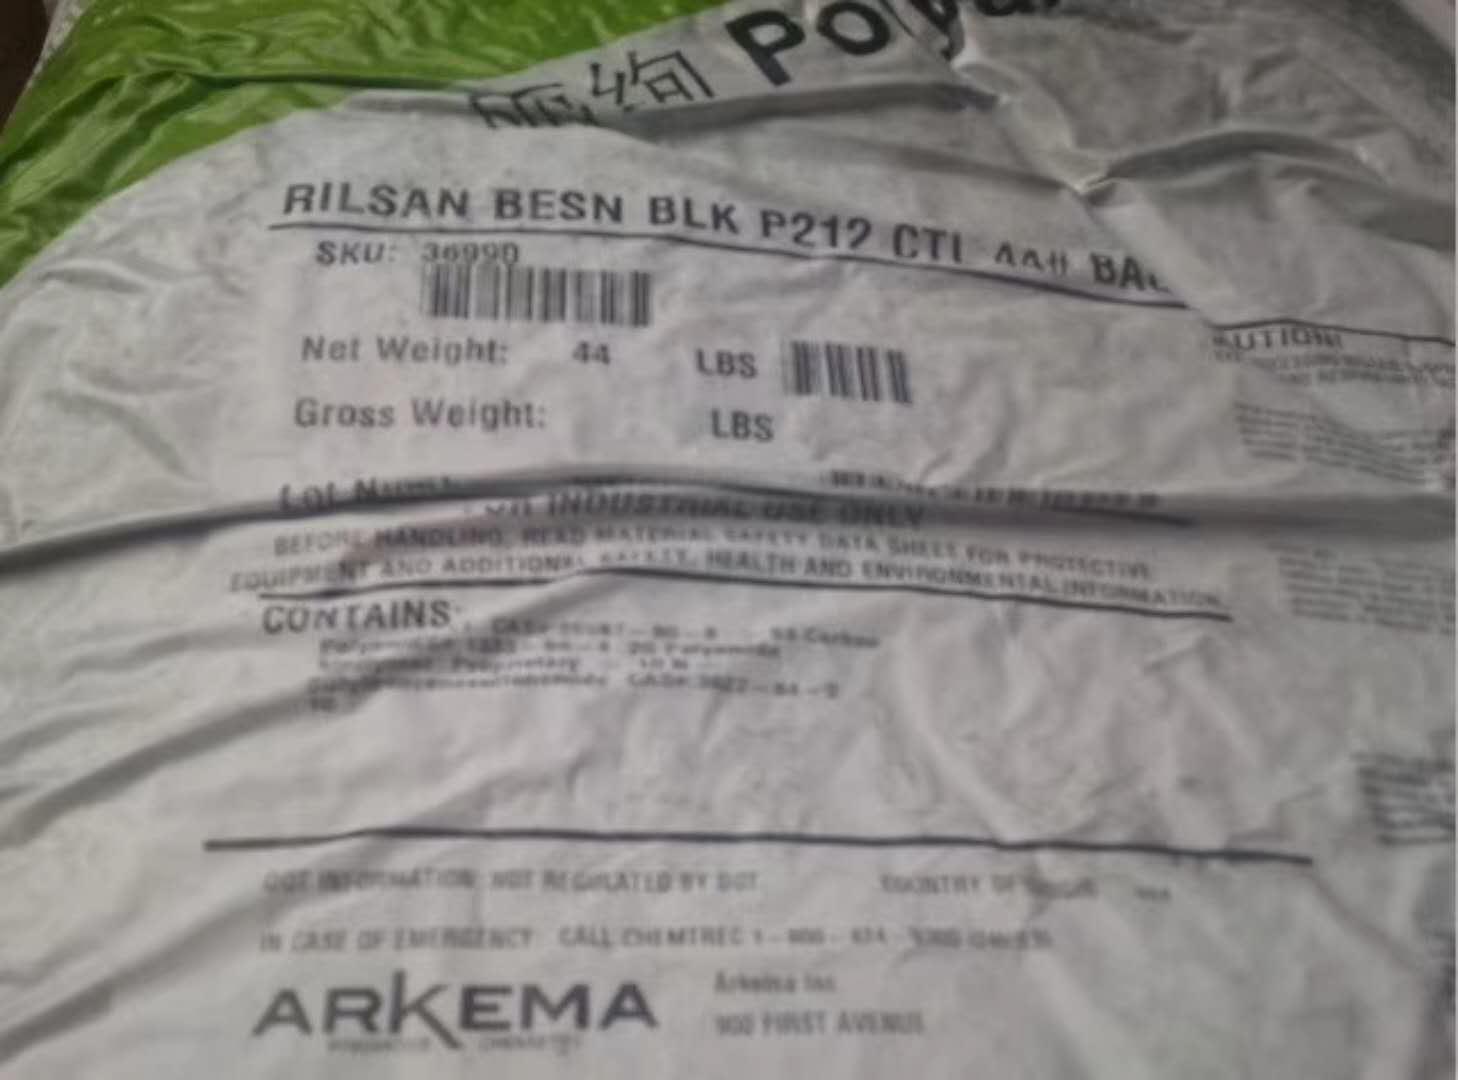 RILSAN PA11 BESN BLK P212 CTI